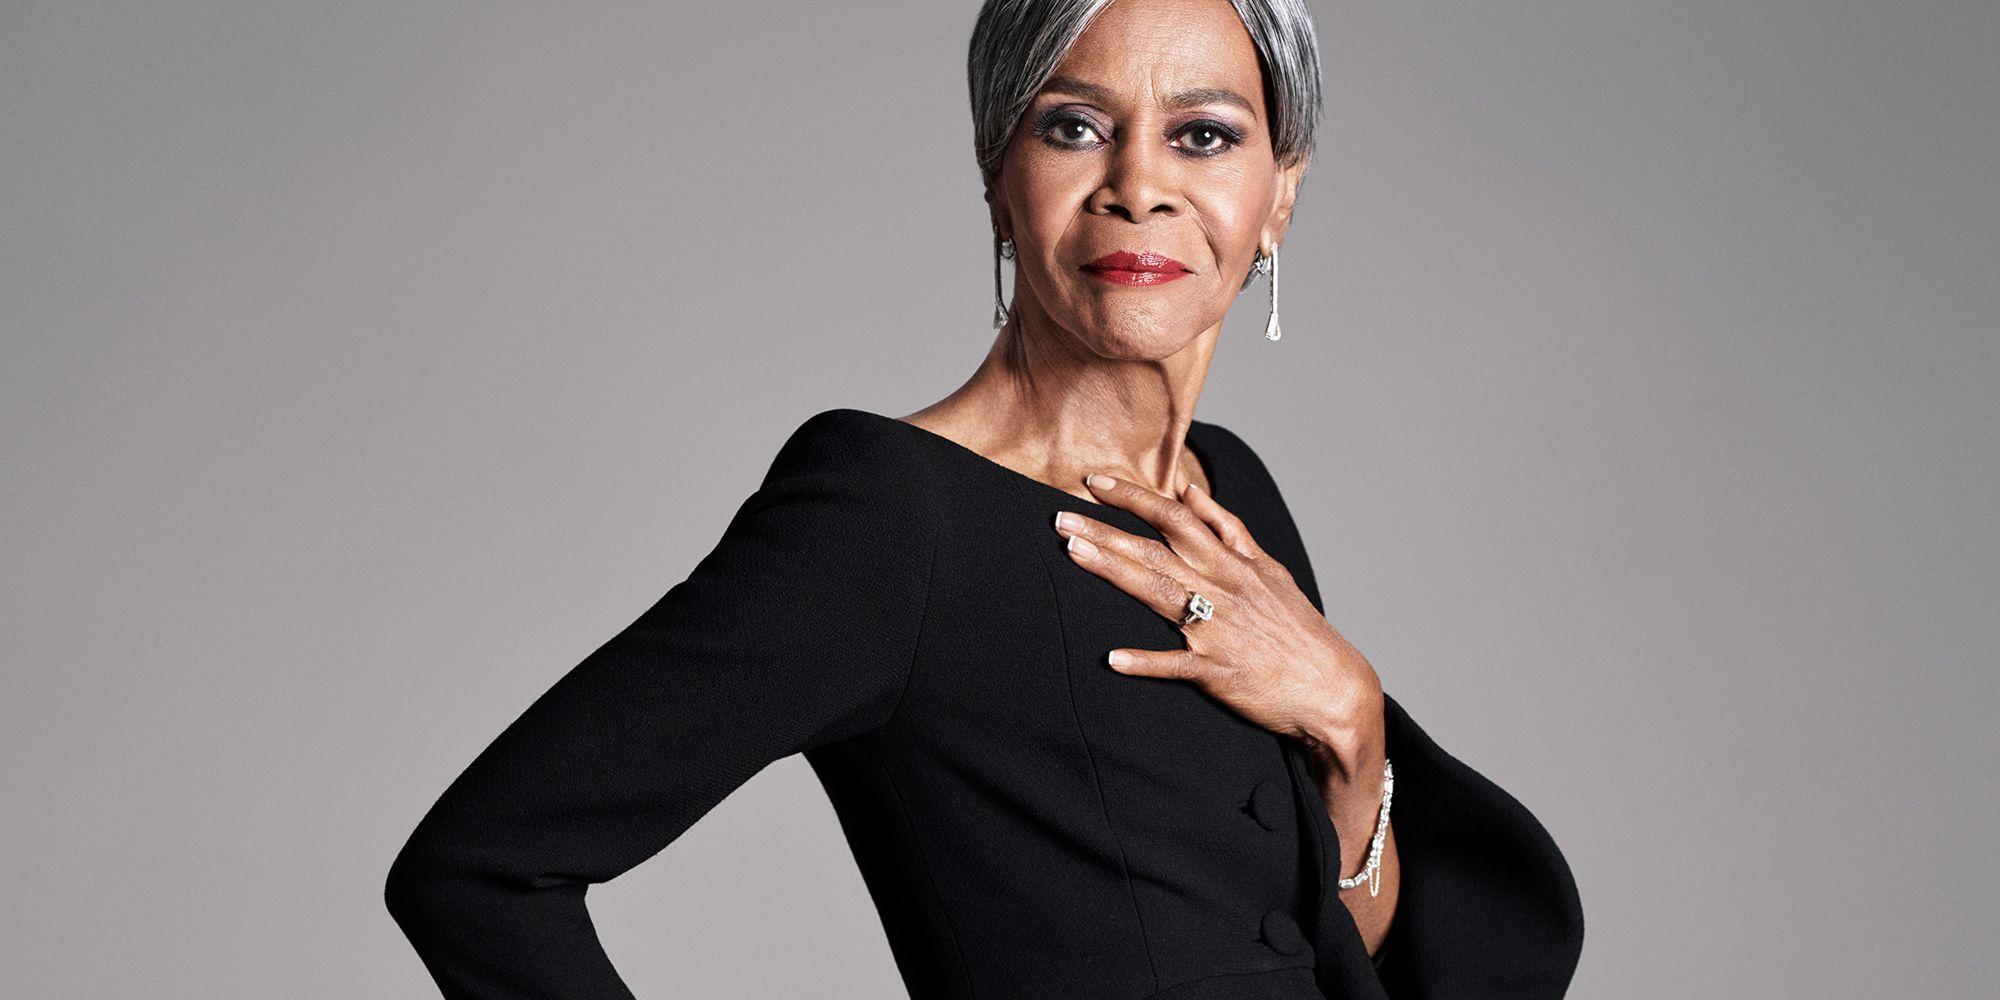 Biểu tượng nổi tiếng Cicely Tyson qua đời ở tuổi 96